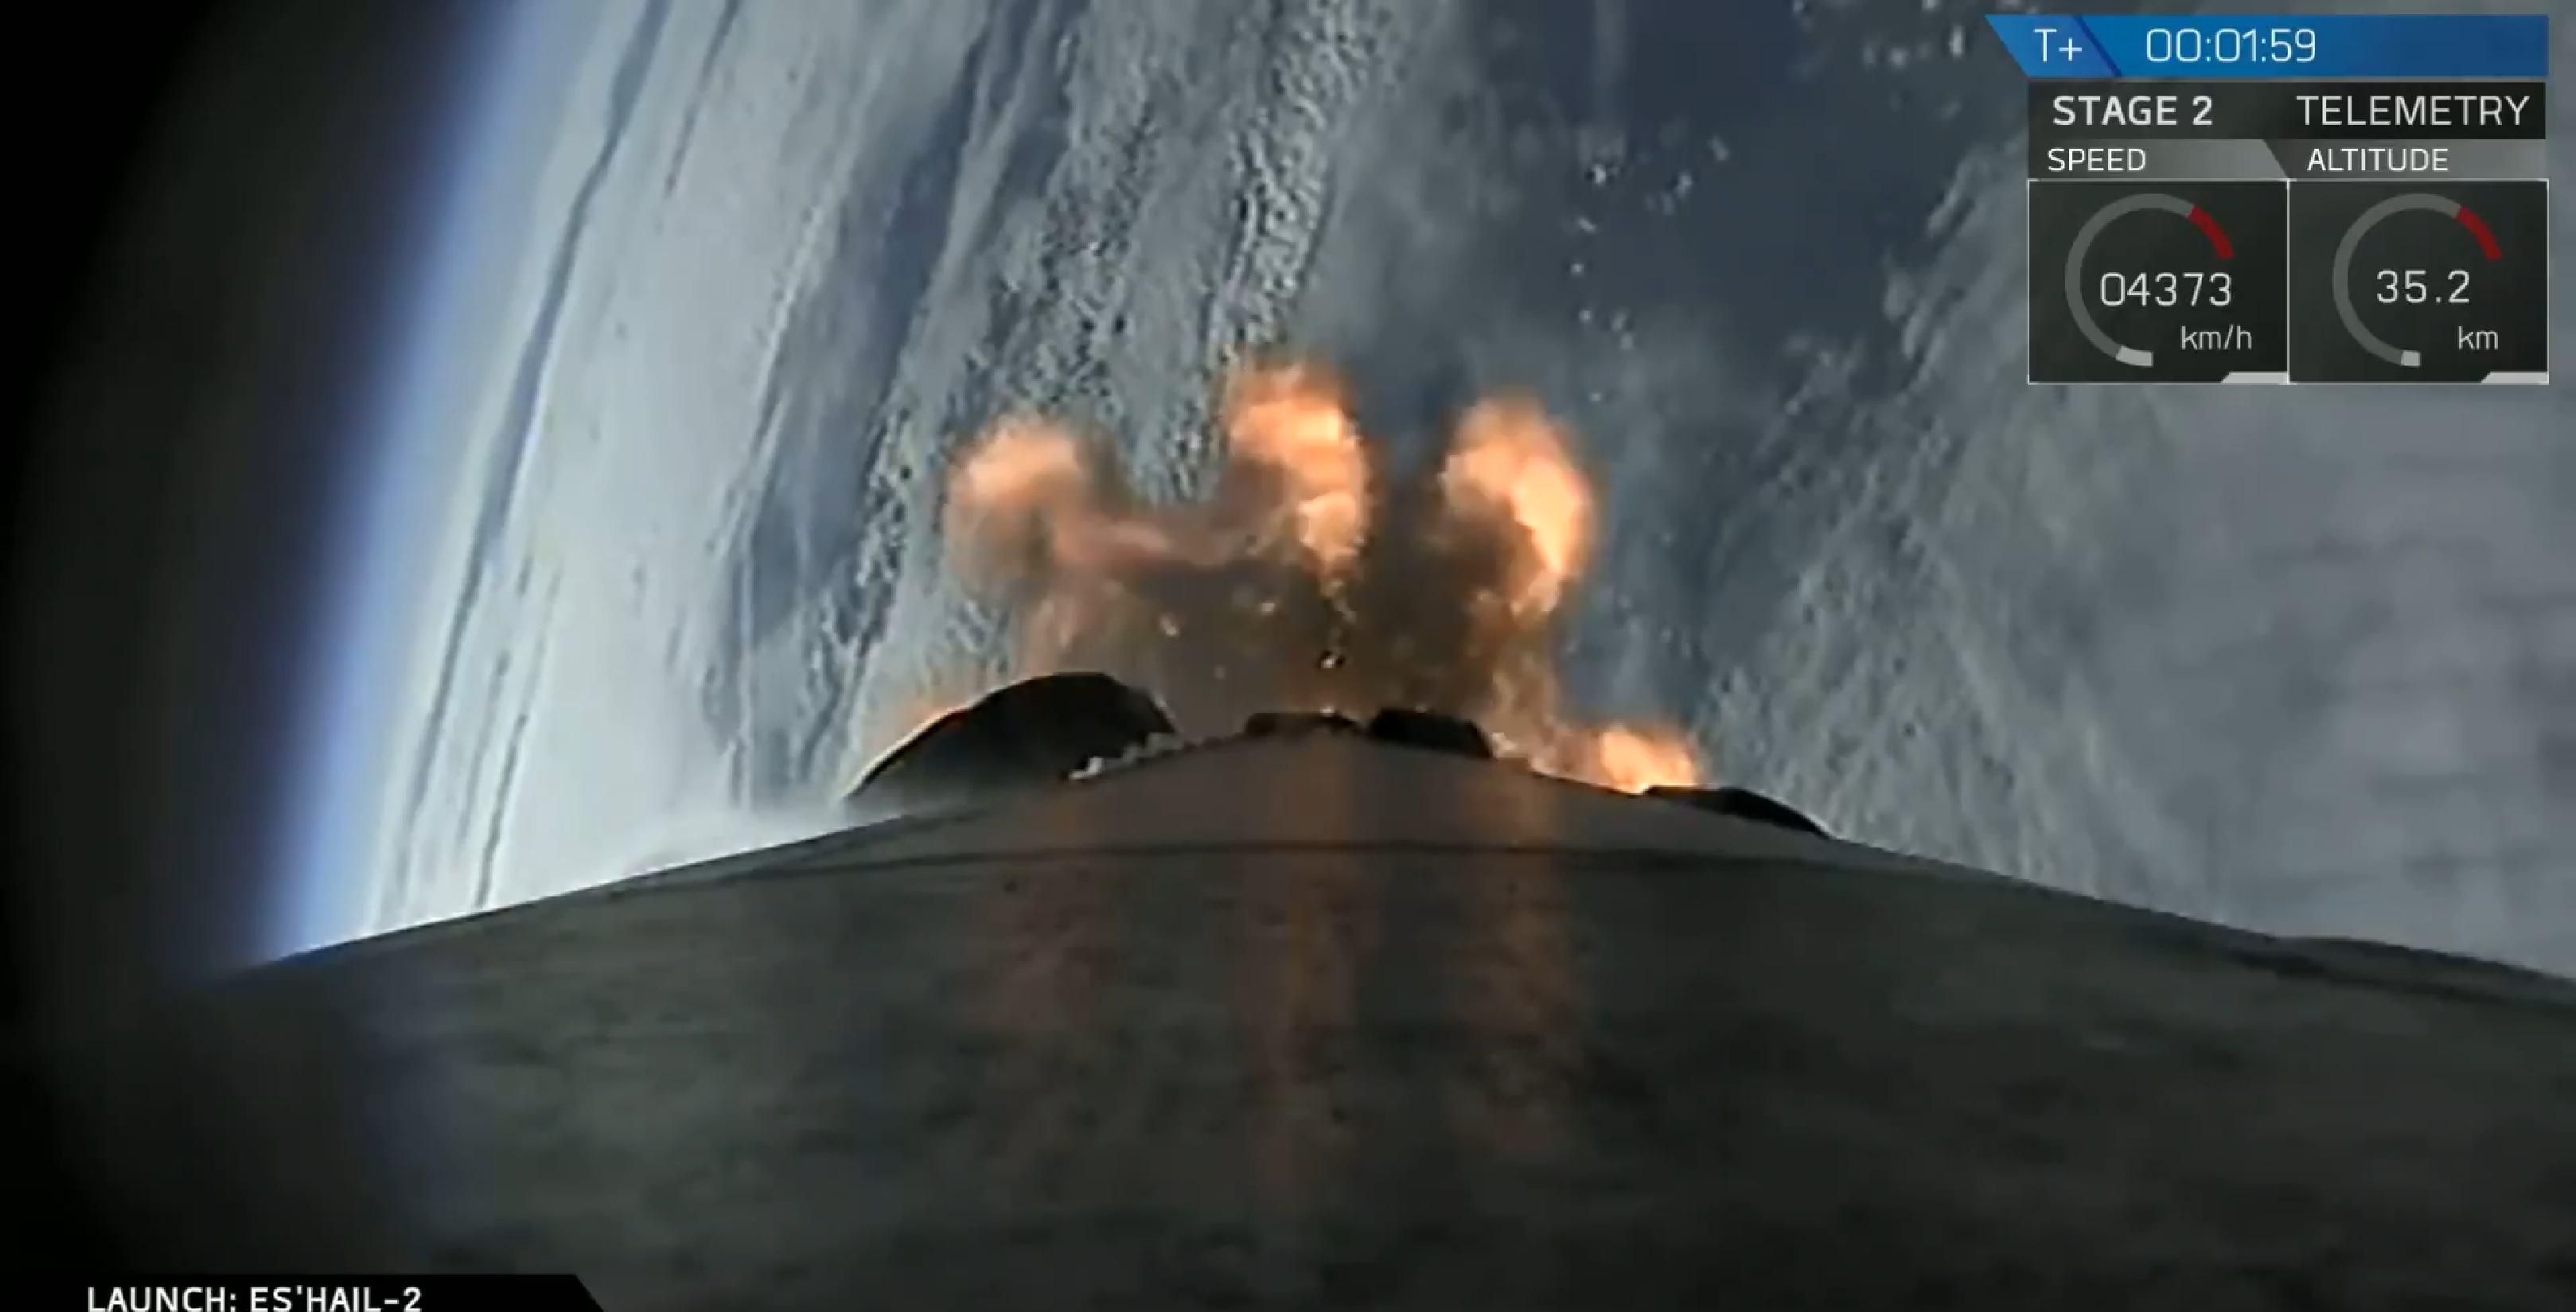 B1047.2 liftoff (SpaceX) 4